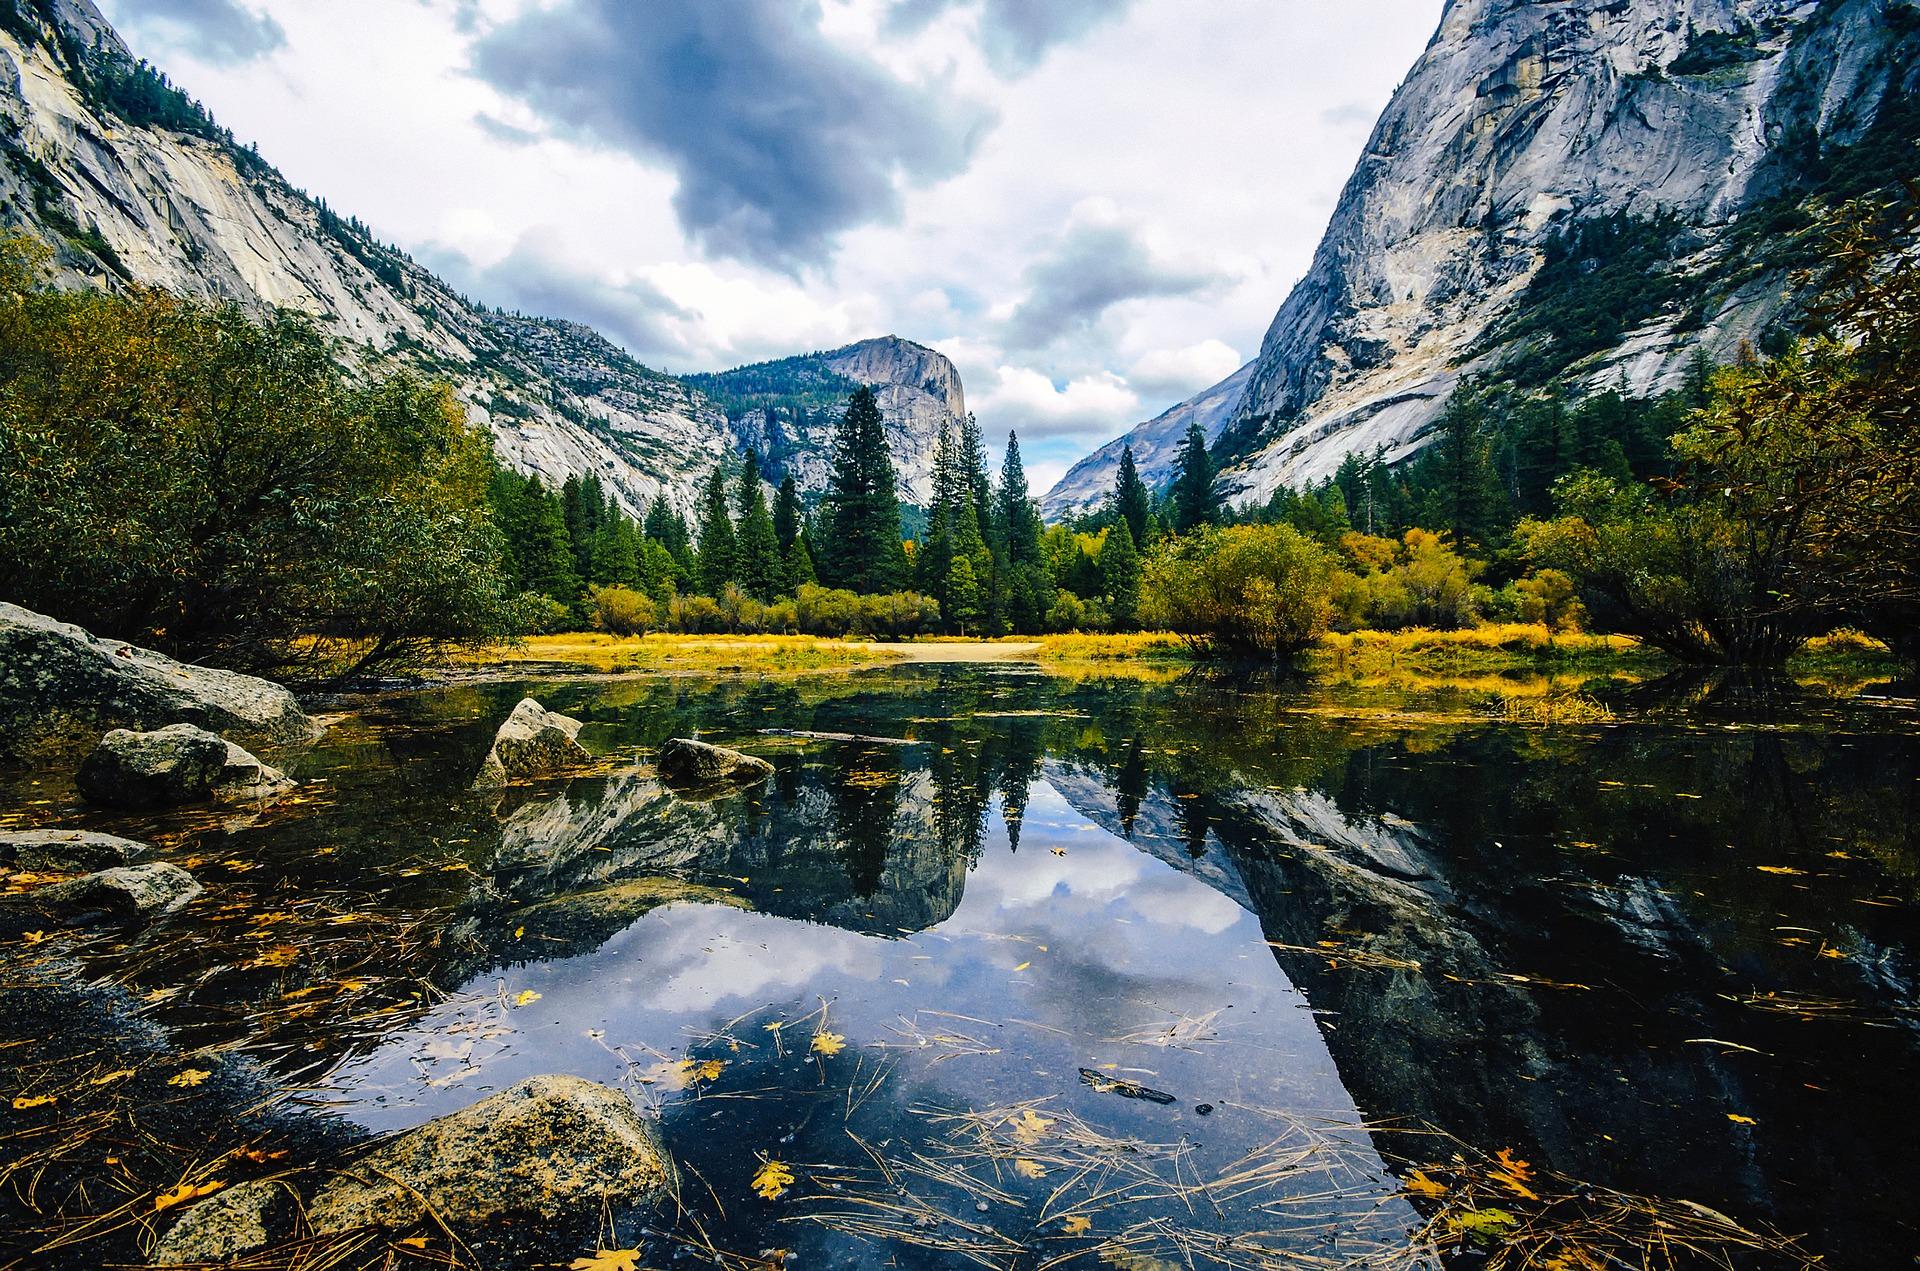 mirror-lake-yosemite-national-park-california-road-trip